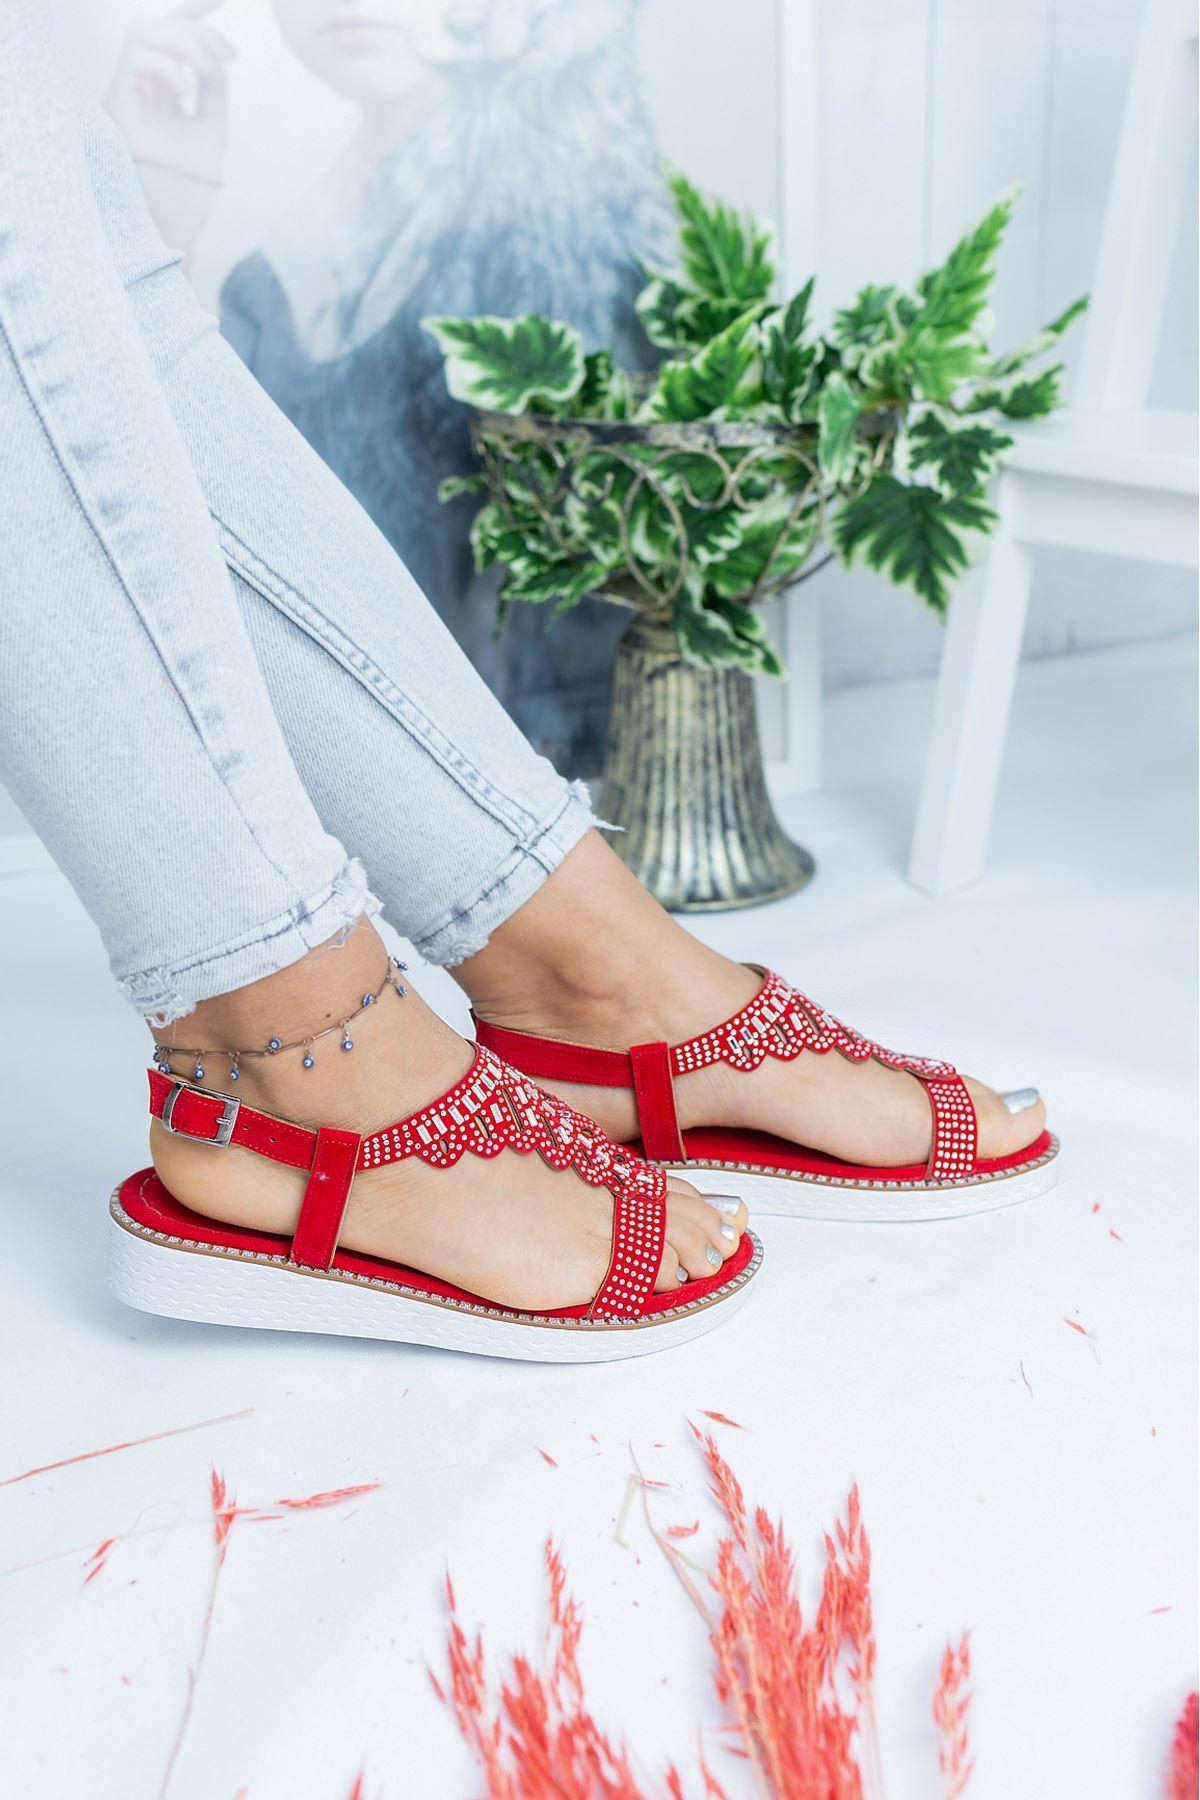 Capo Kırmızı Süet Kadın Sandalet